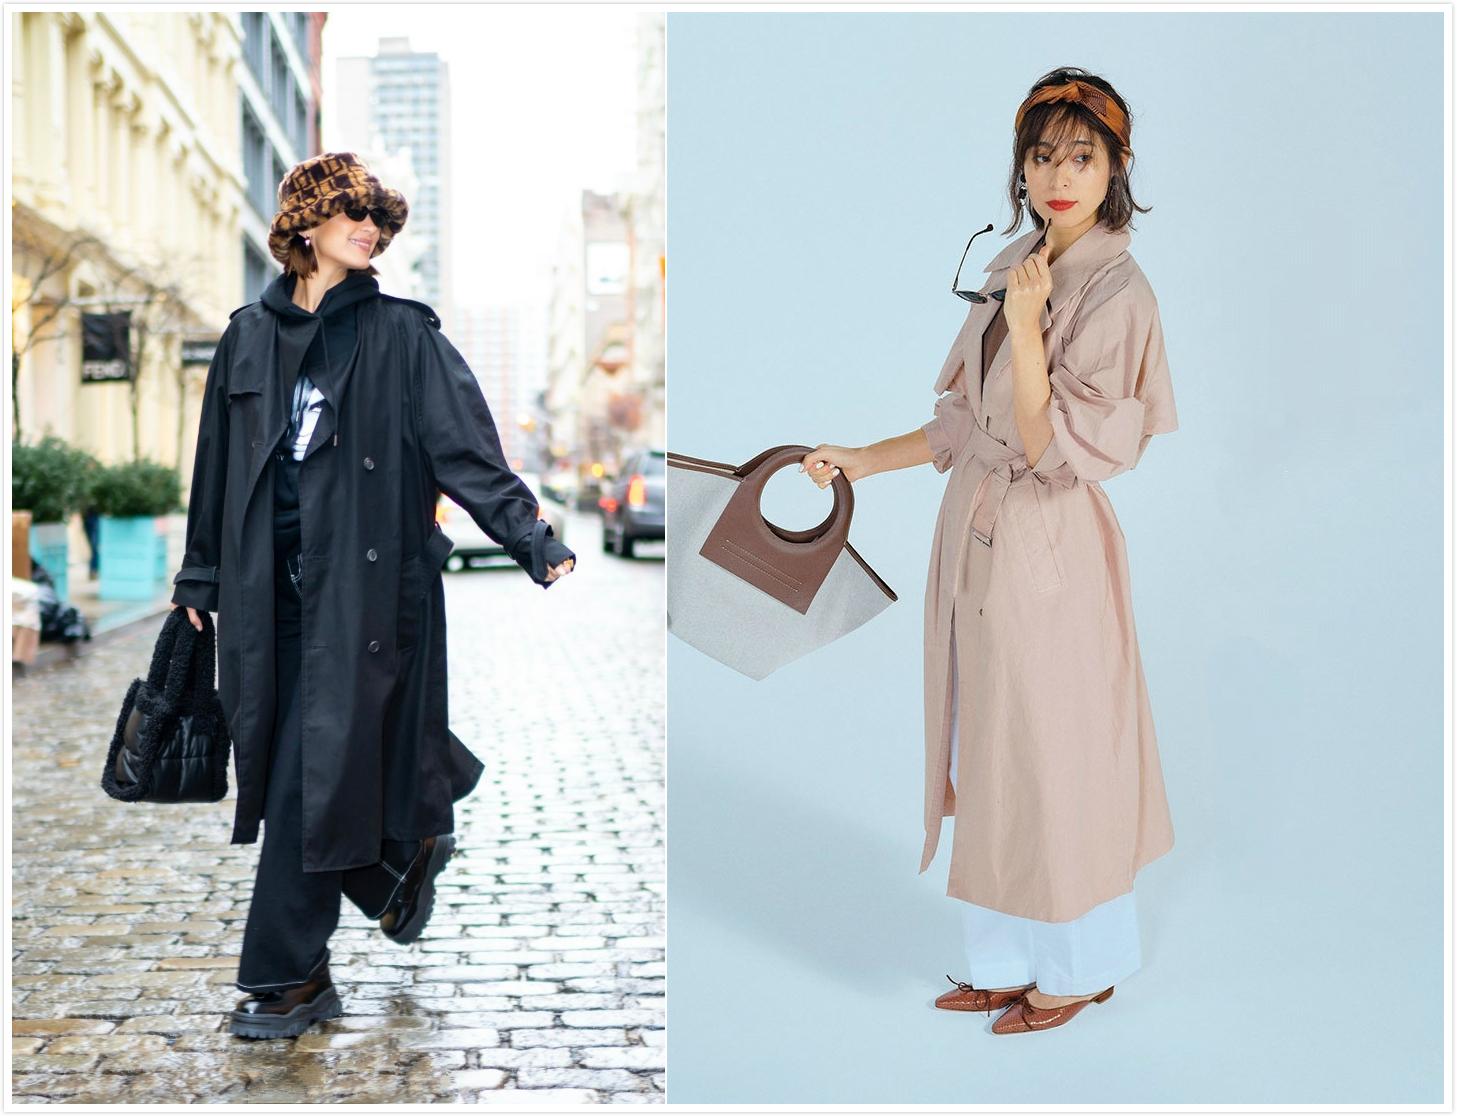 流行趋势再怎么变,这4款外套都永远不过时!经典又好穿!